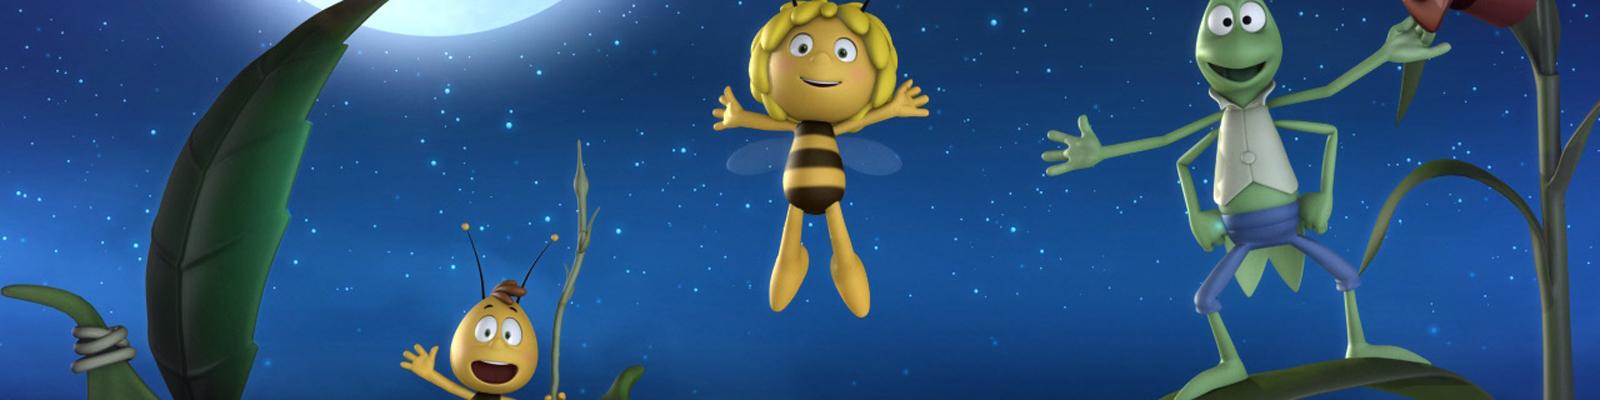 Biene Maja mit Freund Willi und Flip in einem 3D-Remake